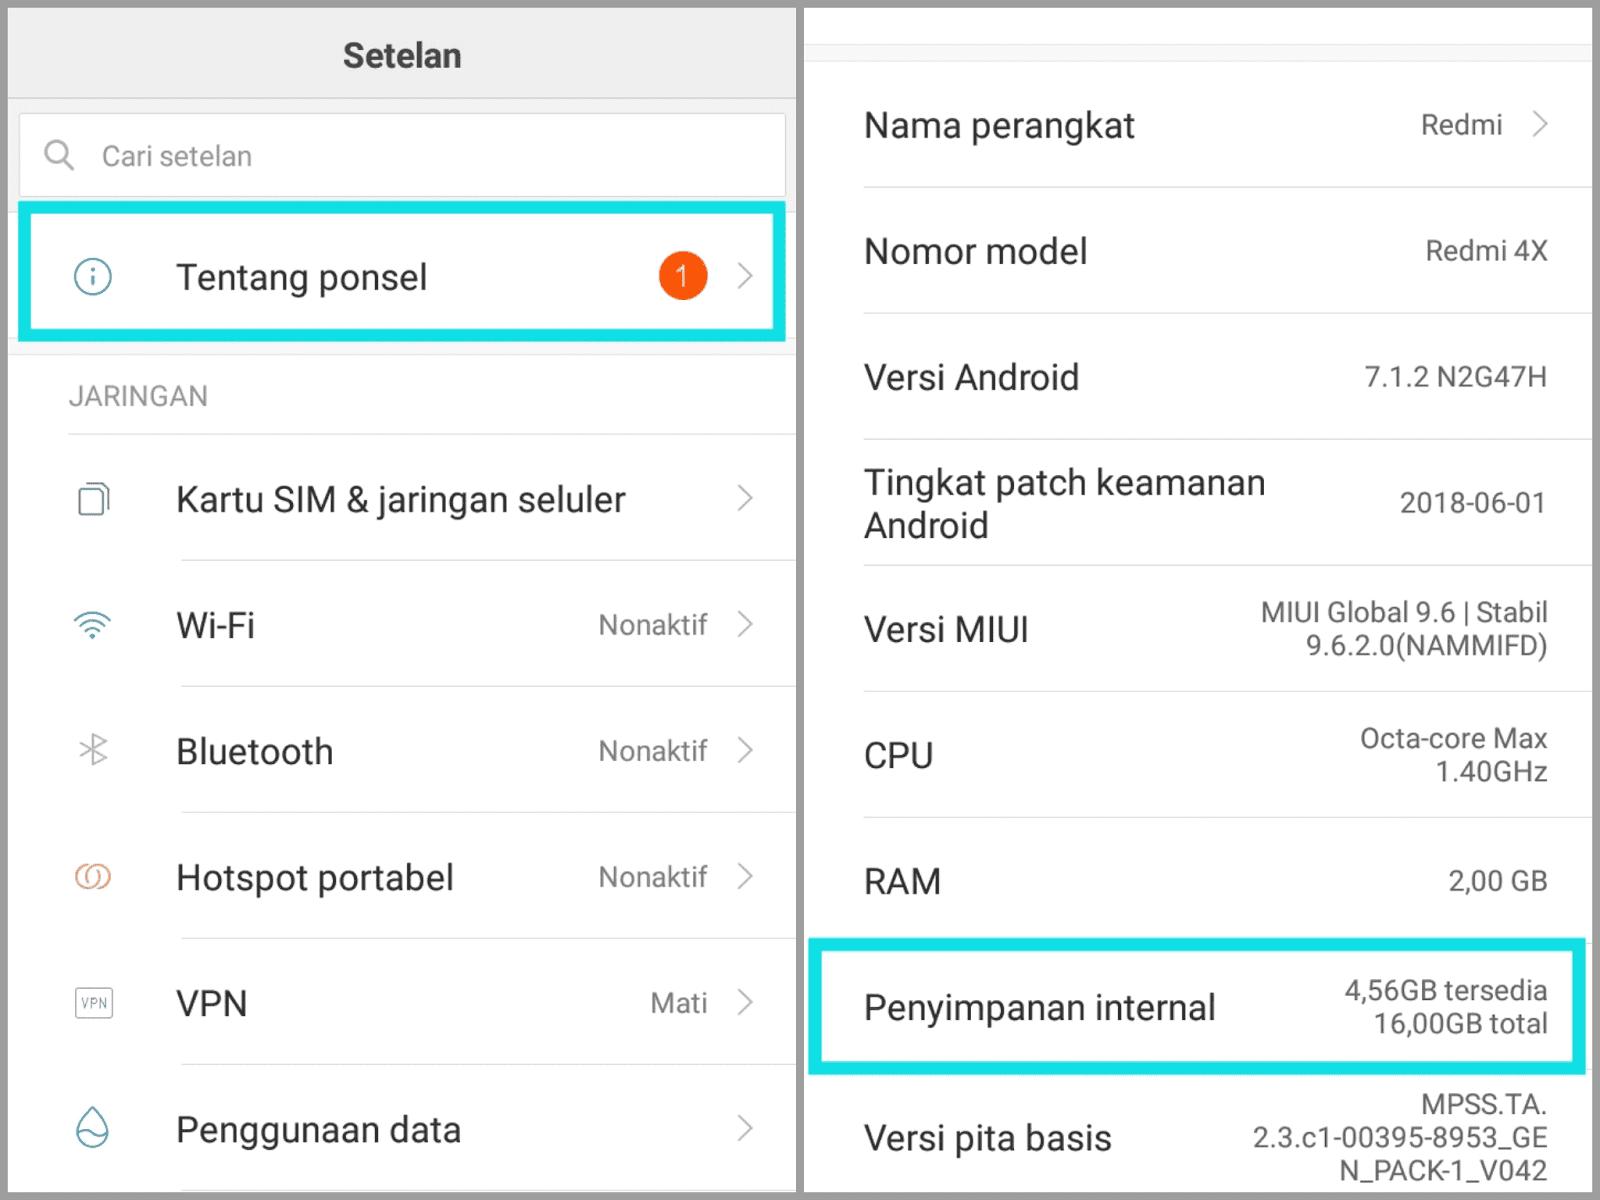 Mengatasi Tidak Bisa Melakukan Panggilan Keluar Xiaomi